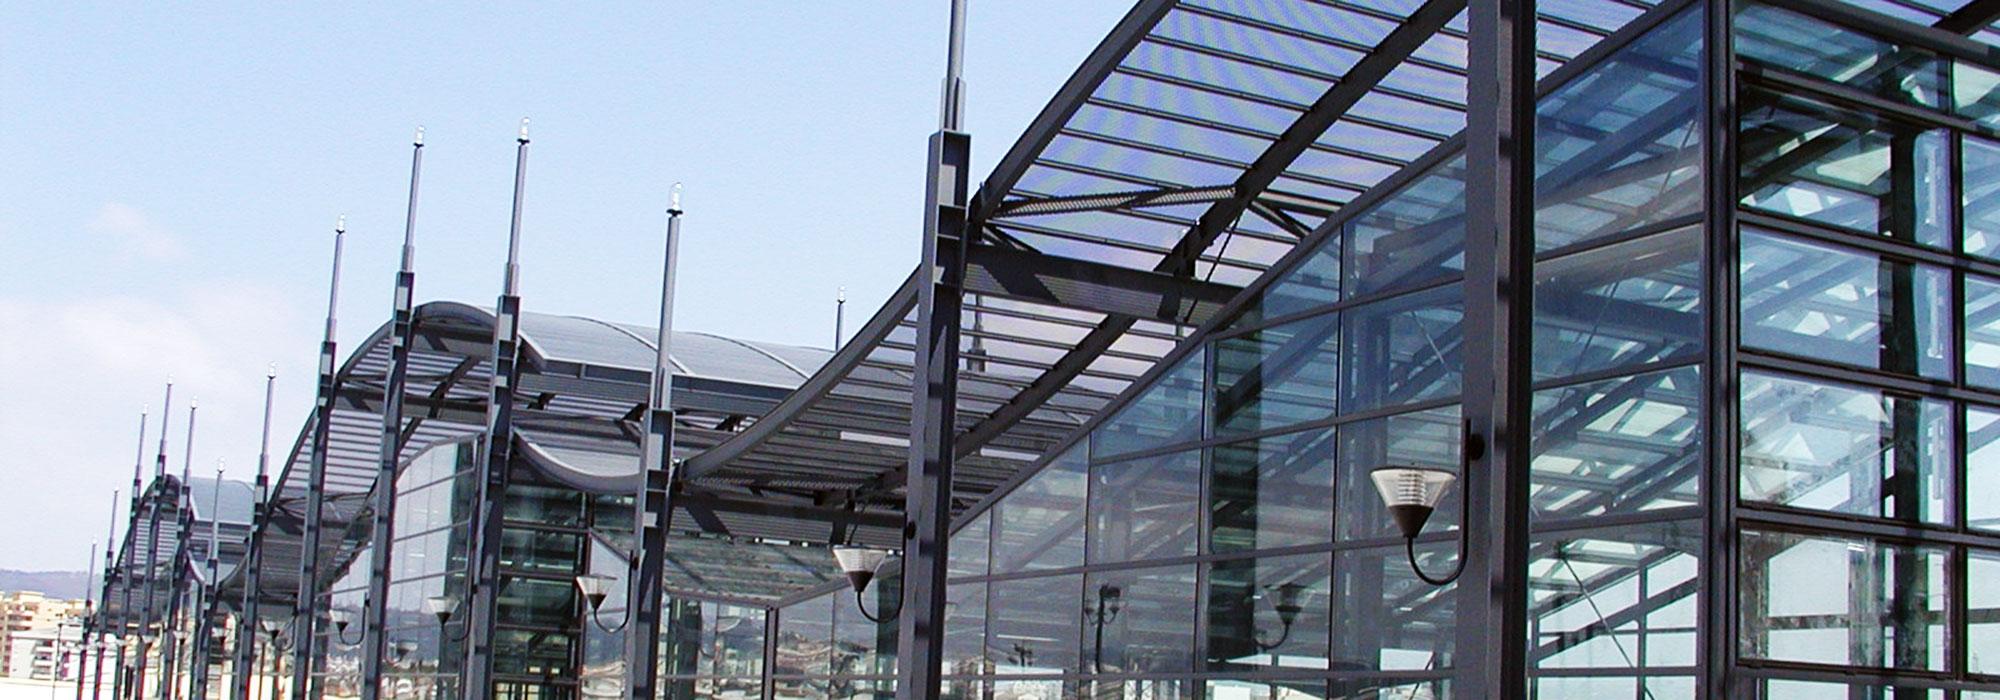 Parque Nascente Shopping Centre